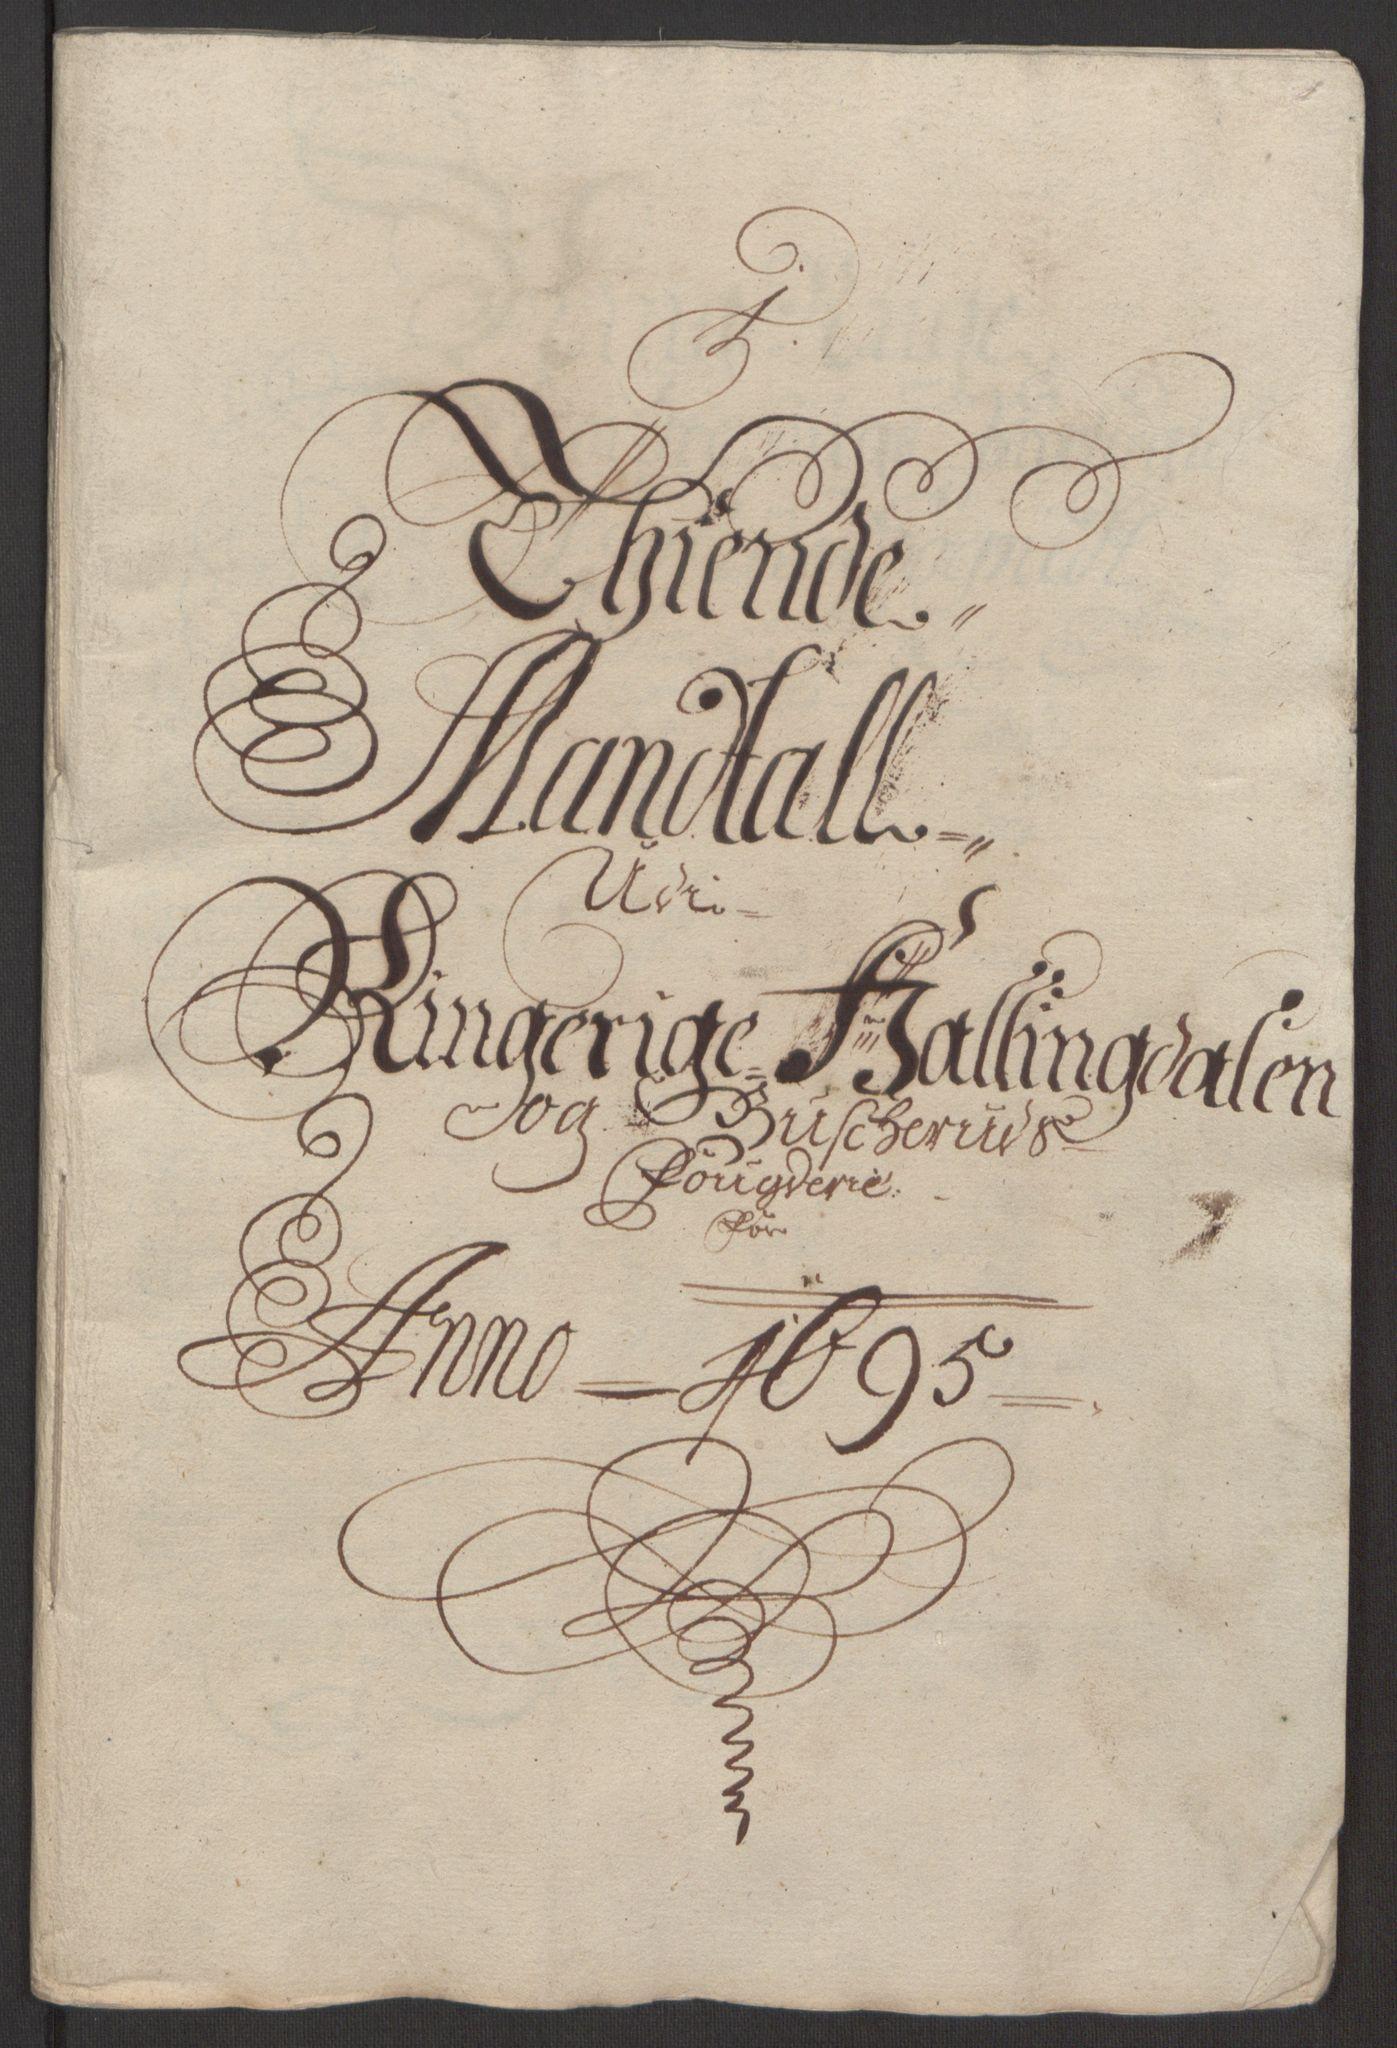 RA, Rentekammeret inntil 1814, Reviderte regnskaper, Fogderegnskap, R22/L1452: Fogderegnskap Ringerike, Hallingdal og Buskerud, 1695, s. 250